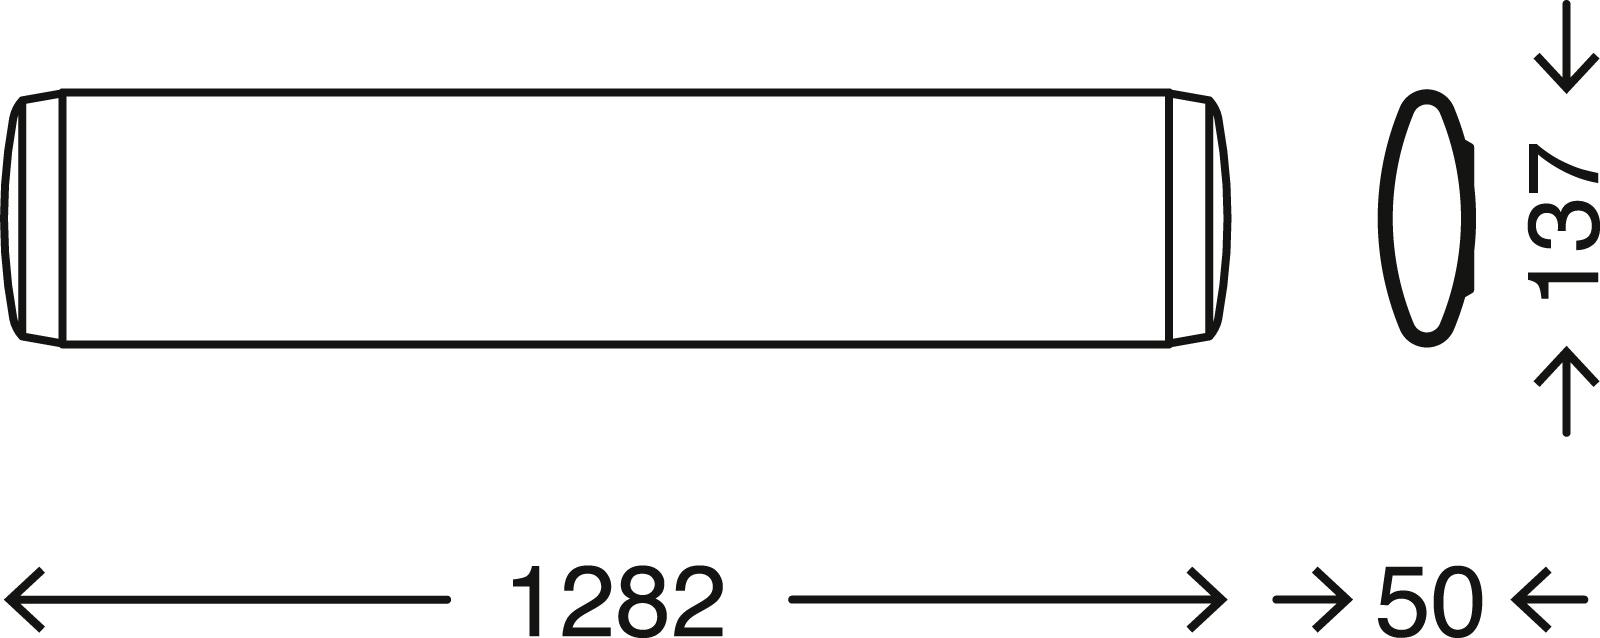 TELEFUNKEN LED Deckenleuchte, 128,2 cm, 30 W, Weiß